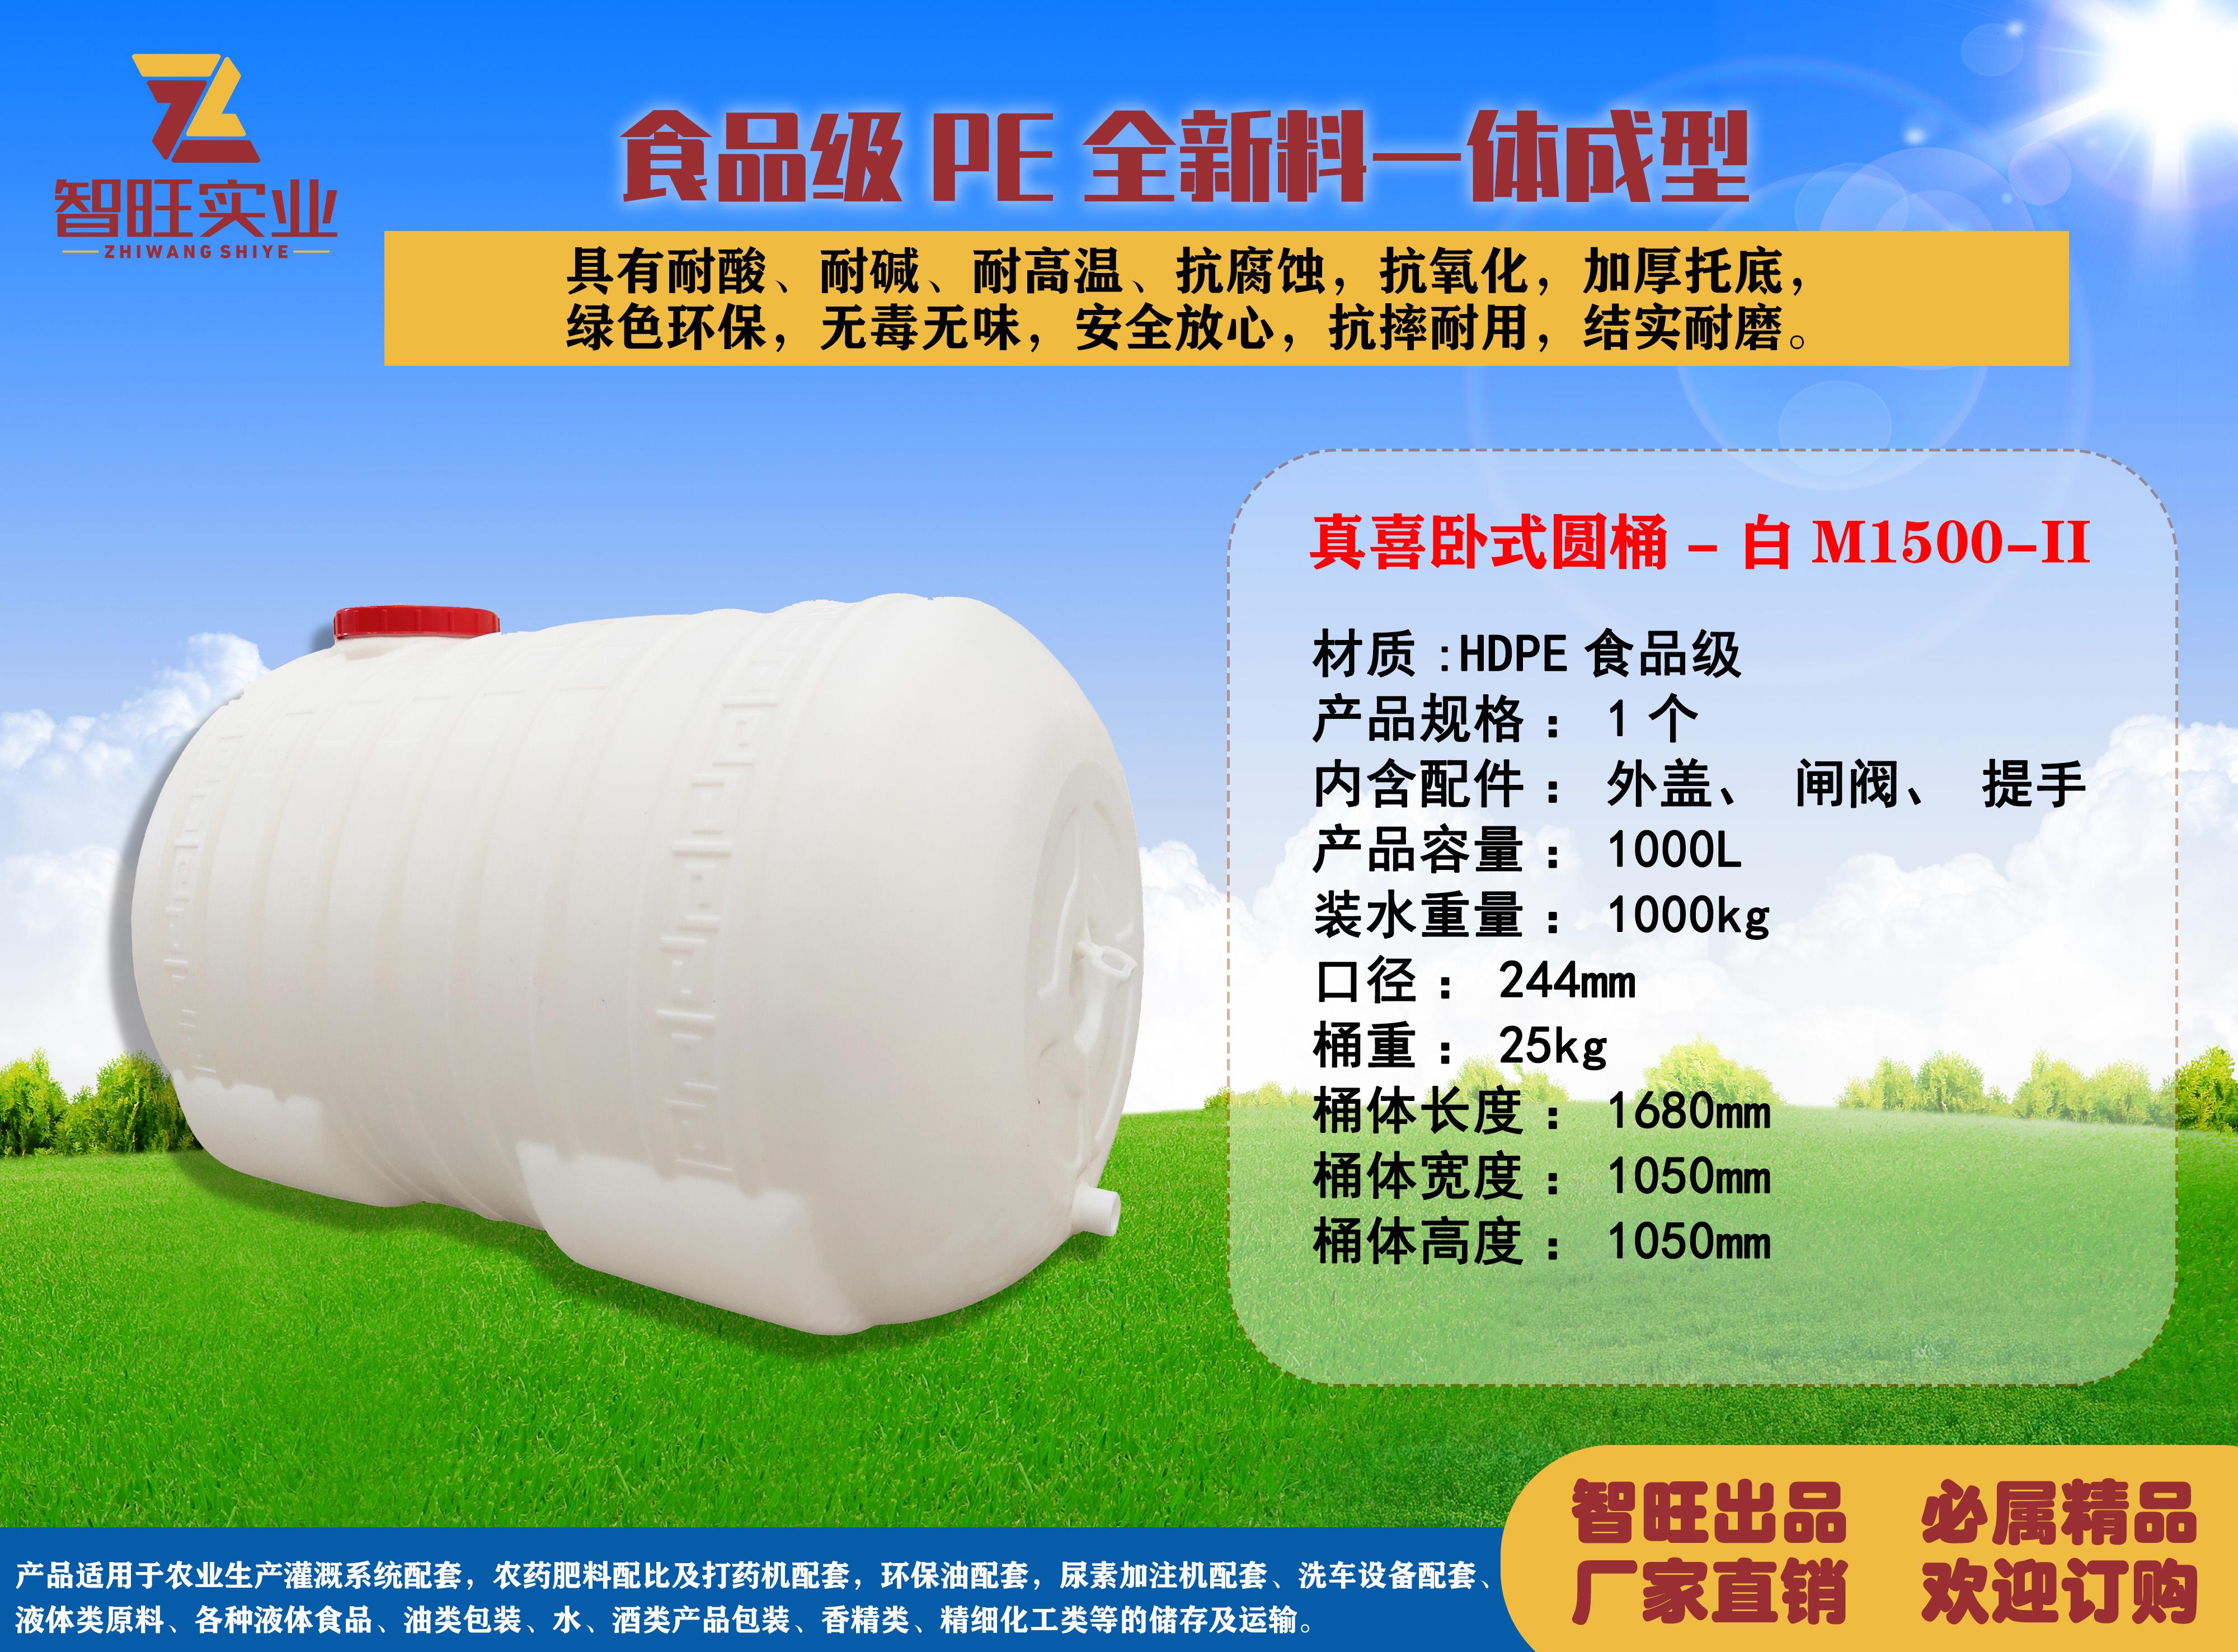 真喜臥式圓 桶-白M1500-II型